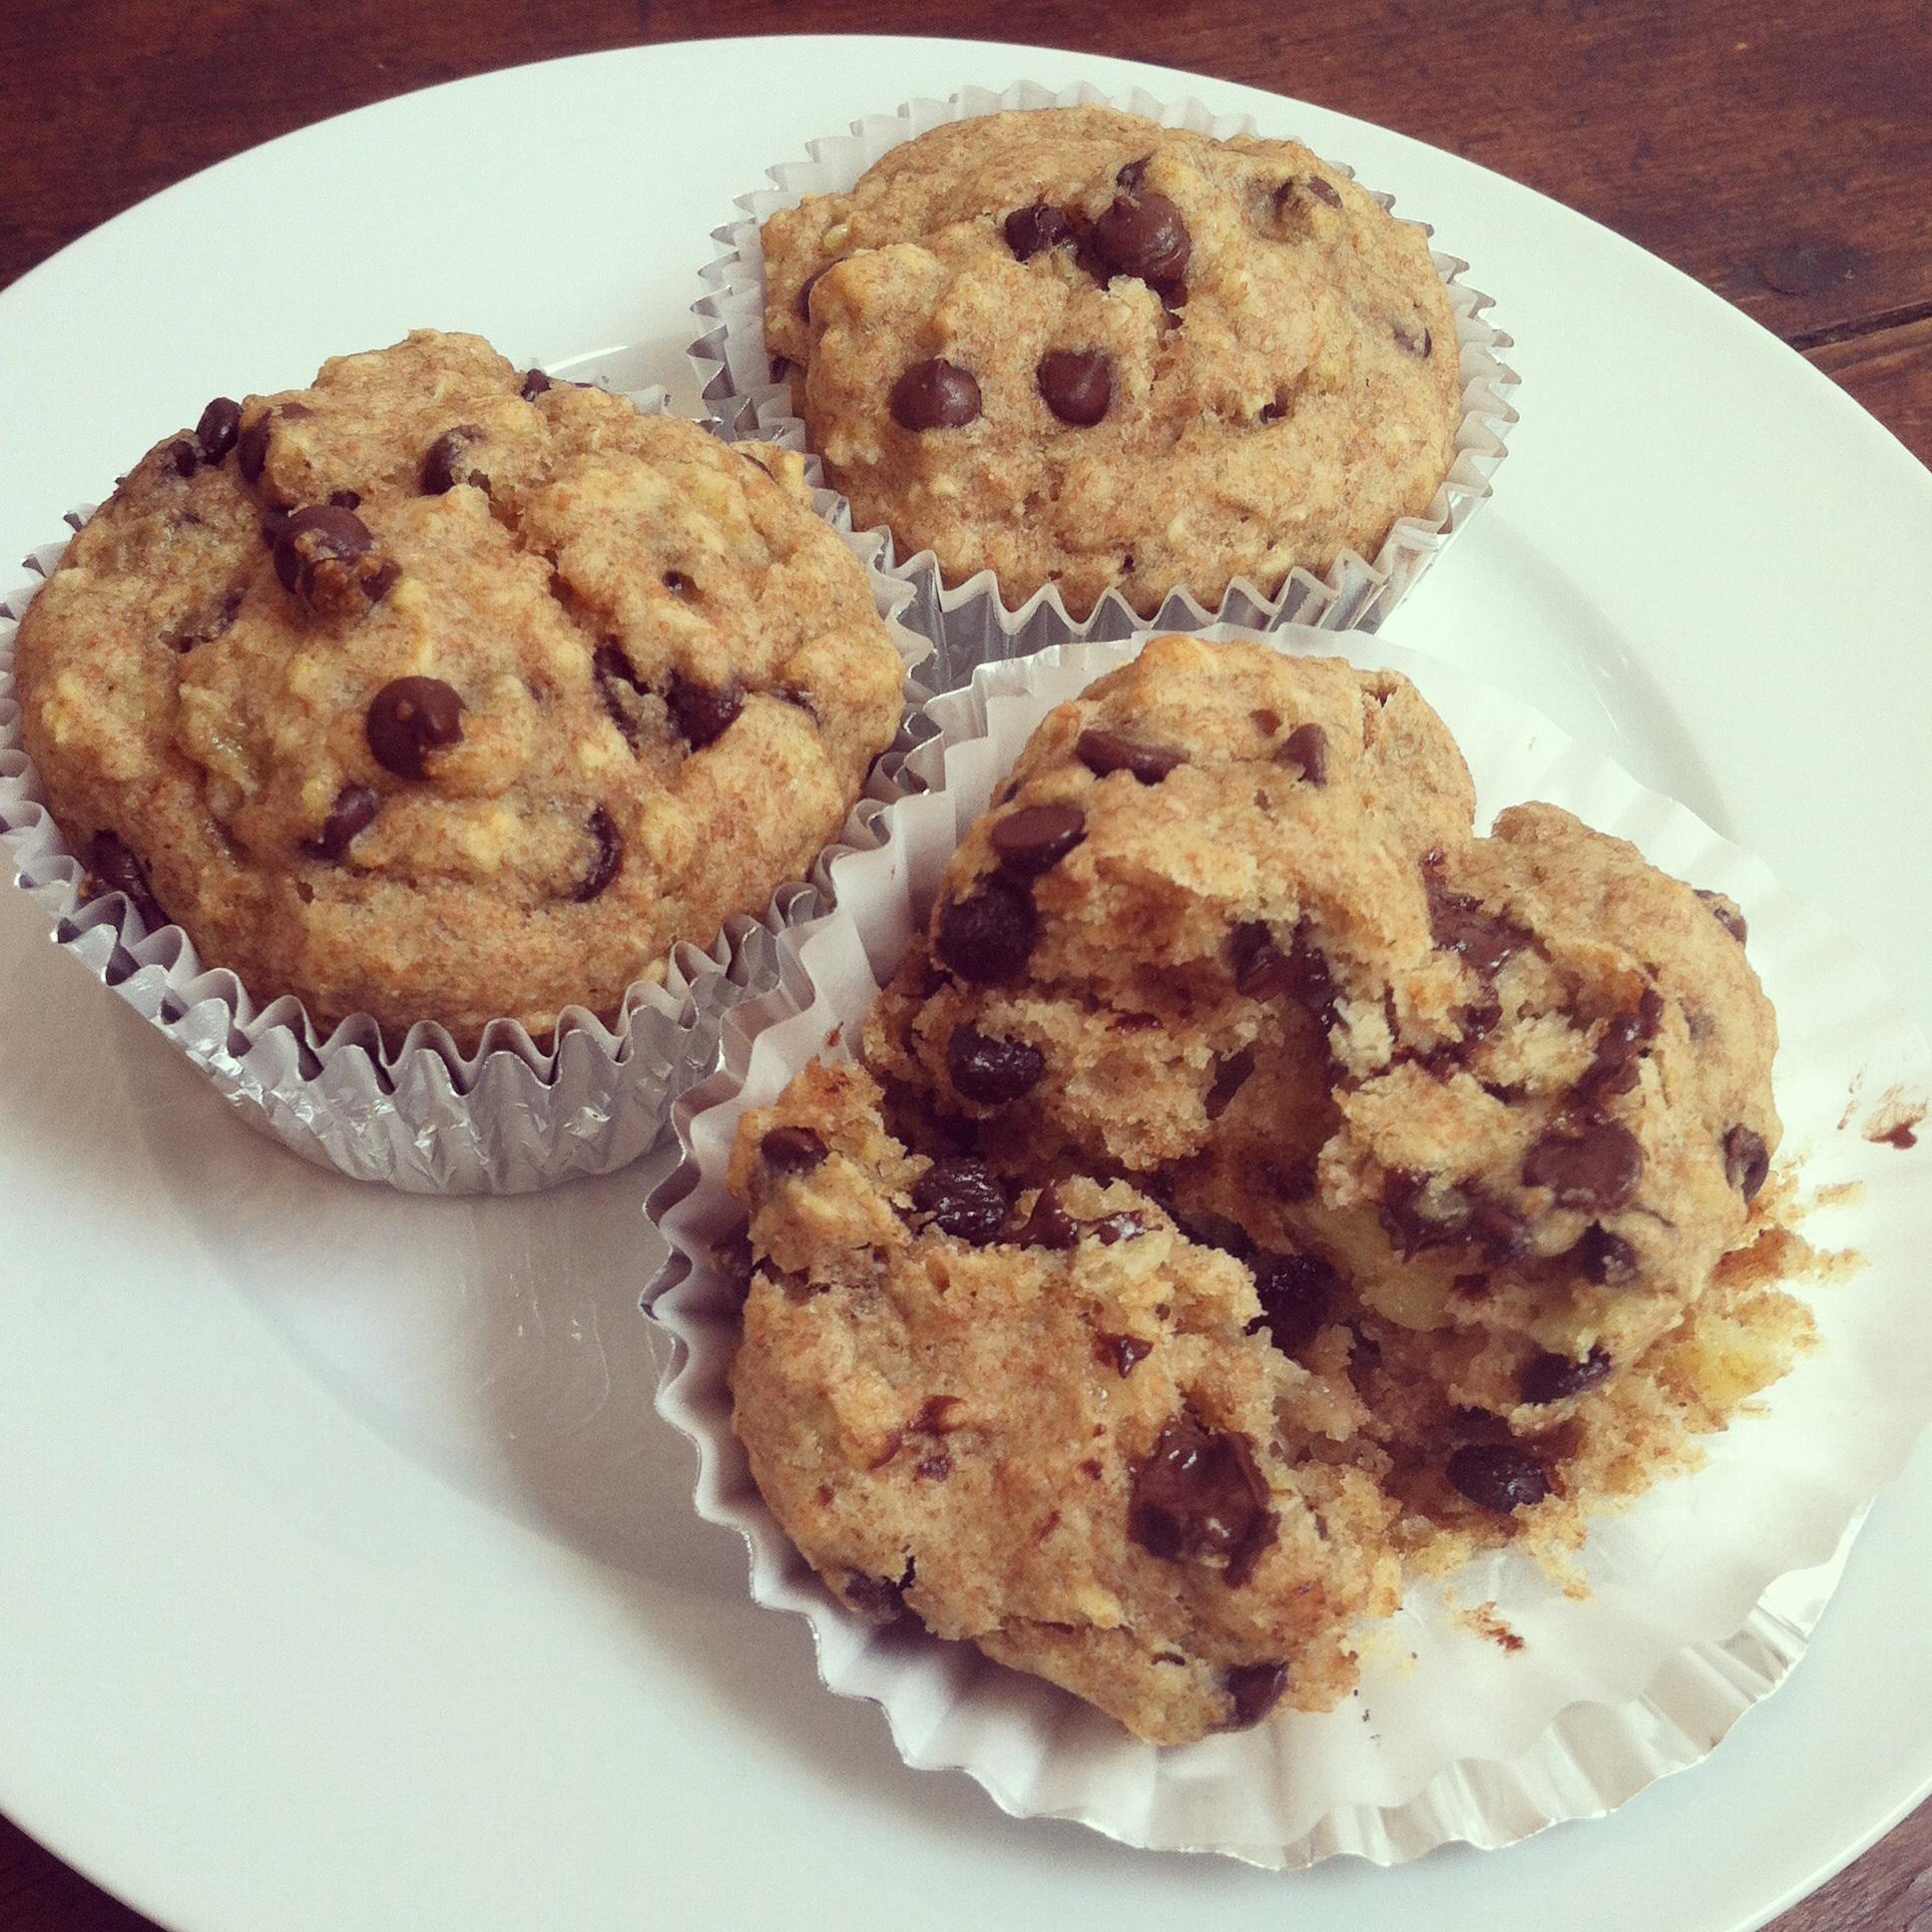 Vegan Spelt Banana Chocolate Chip Muffins